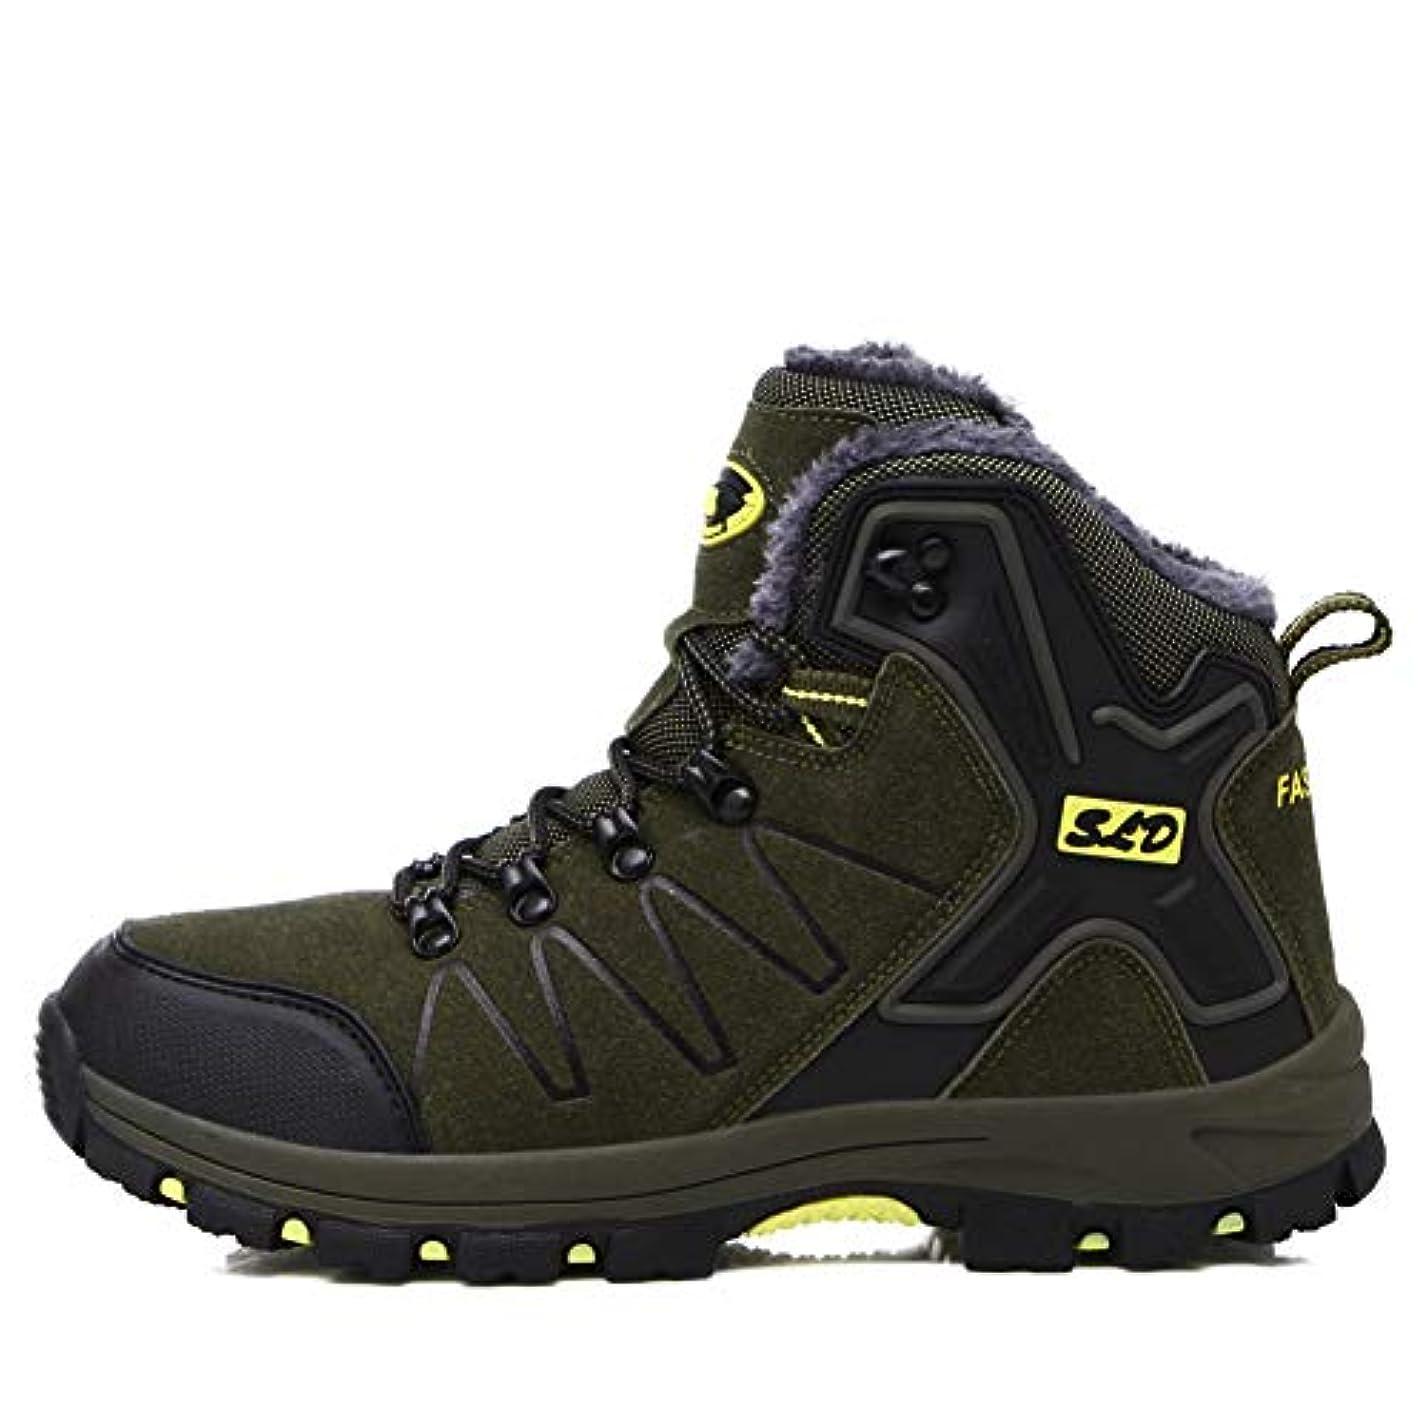 申し立て差し迫ったコンサルタント[TcIFE] トレッキングシューズ メンズ 防水 防滑 ハイカット 登山靴 大きいサイズ ハイキングシューズ メンズ 耐磨耗 ハイキングシューズ メンズ 通気性 スニーカー